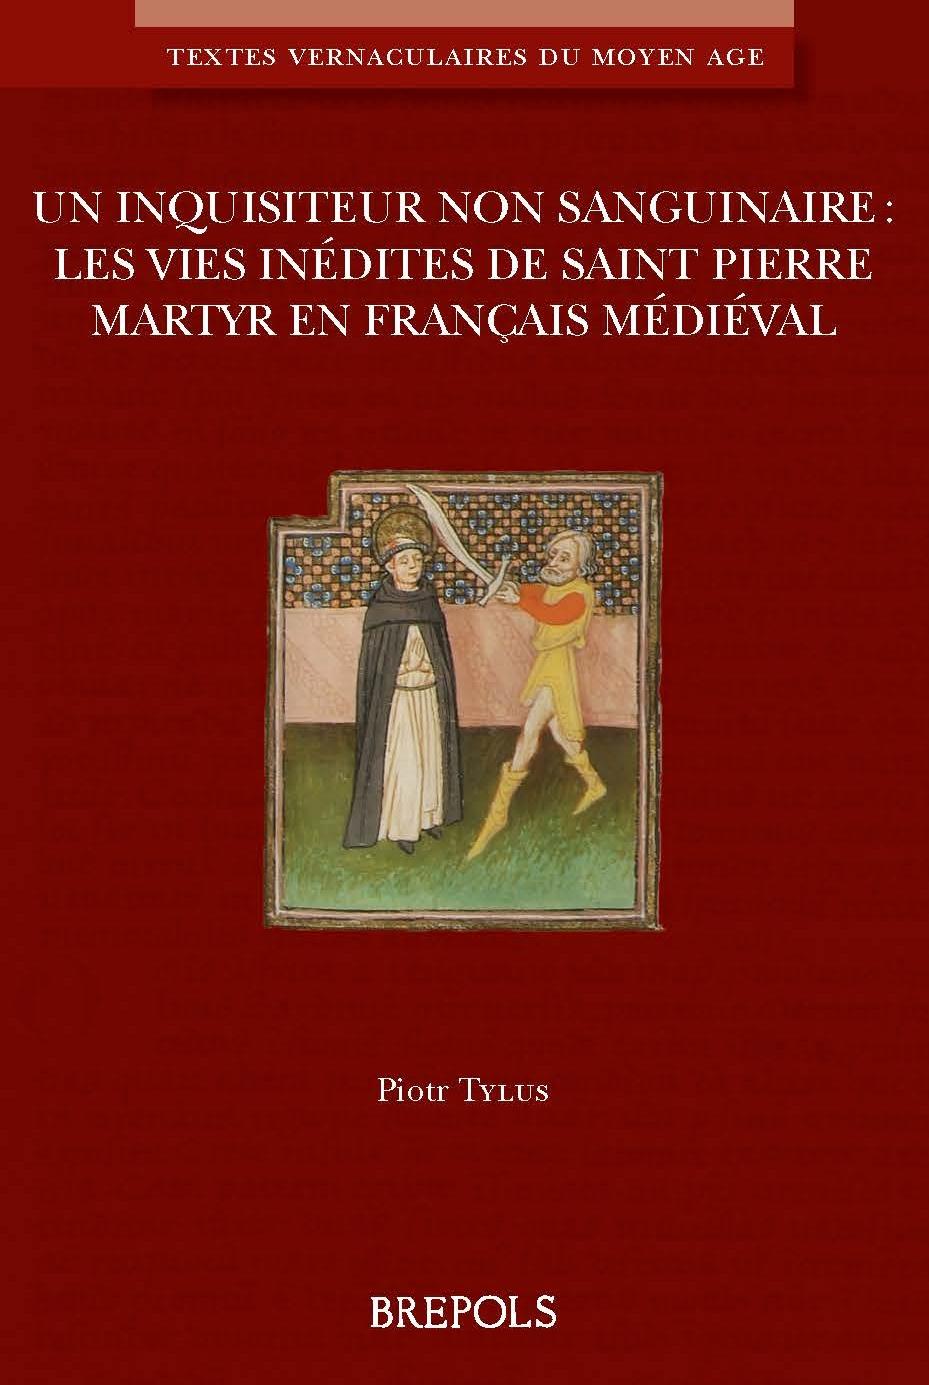 Un inquisiteur non sanguinaire : les Vies inédites de saint Pierre Martyr en français médiéval (P. Tylus éd.)